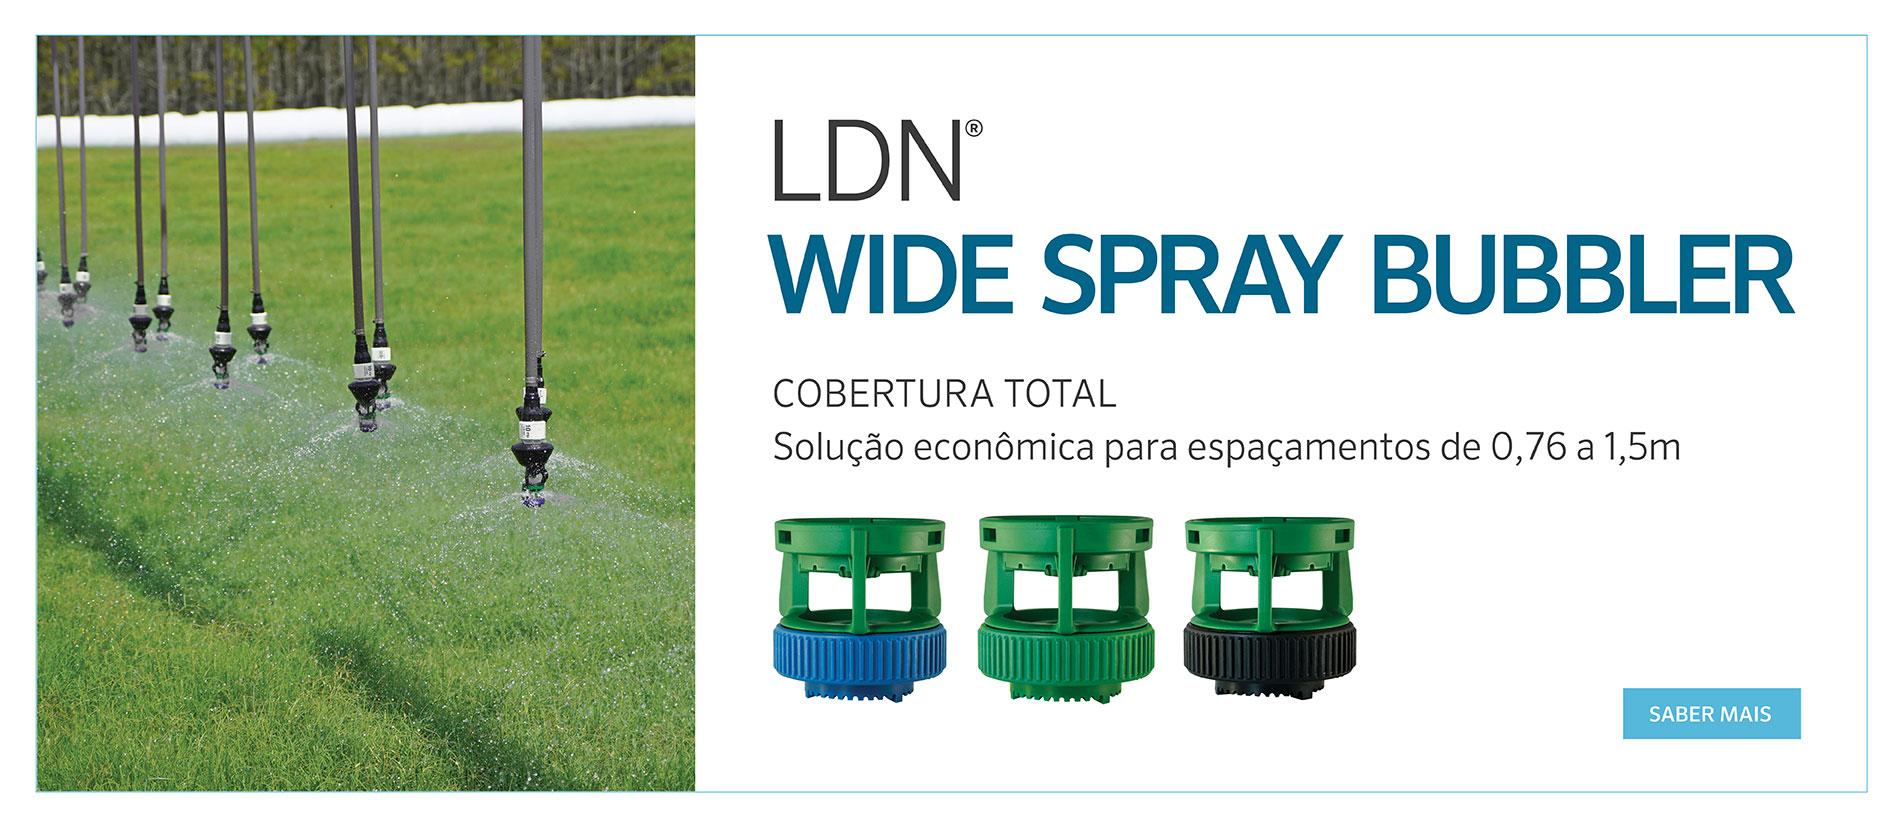 LDN® Wide Spray Bubbler: solução de cobertura total para espaçamento de 0,76 y 1,5 m